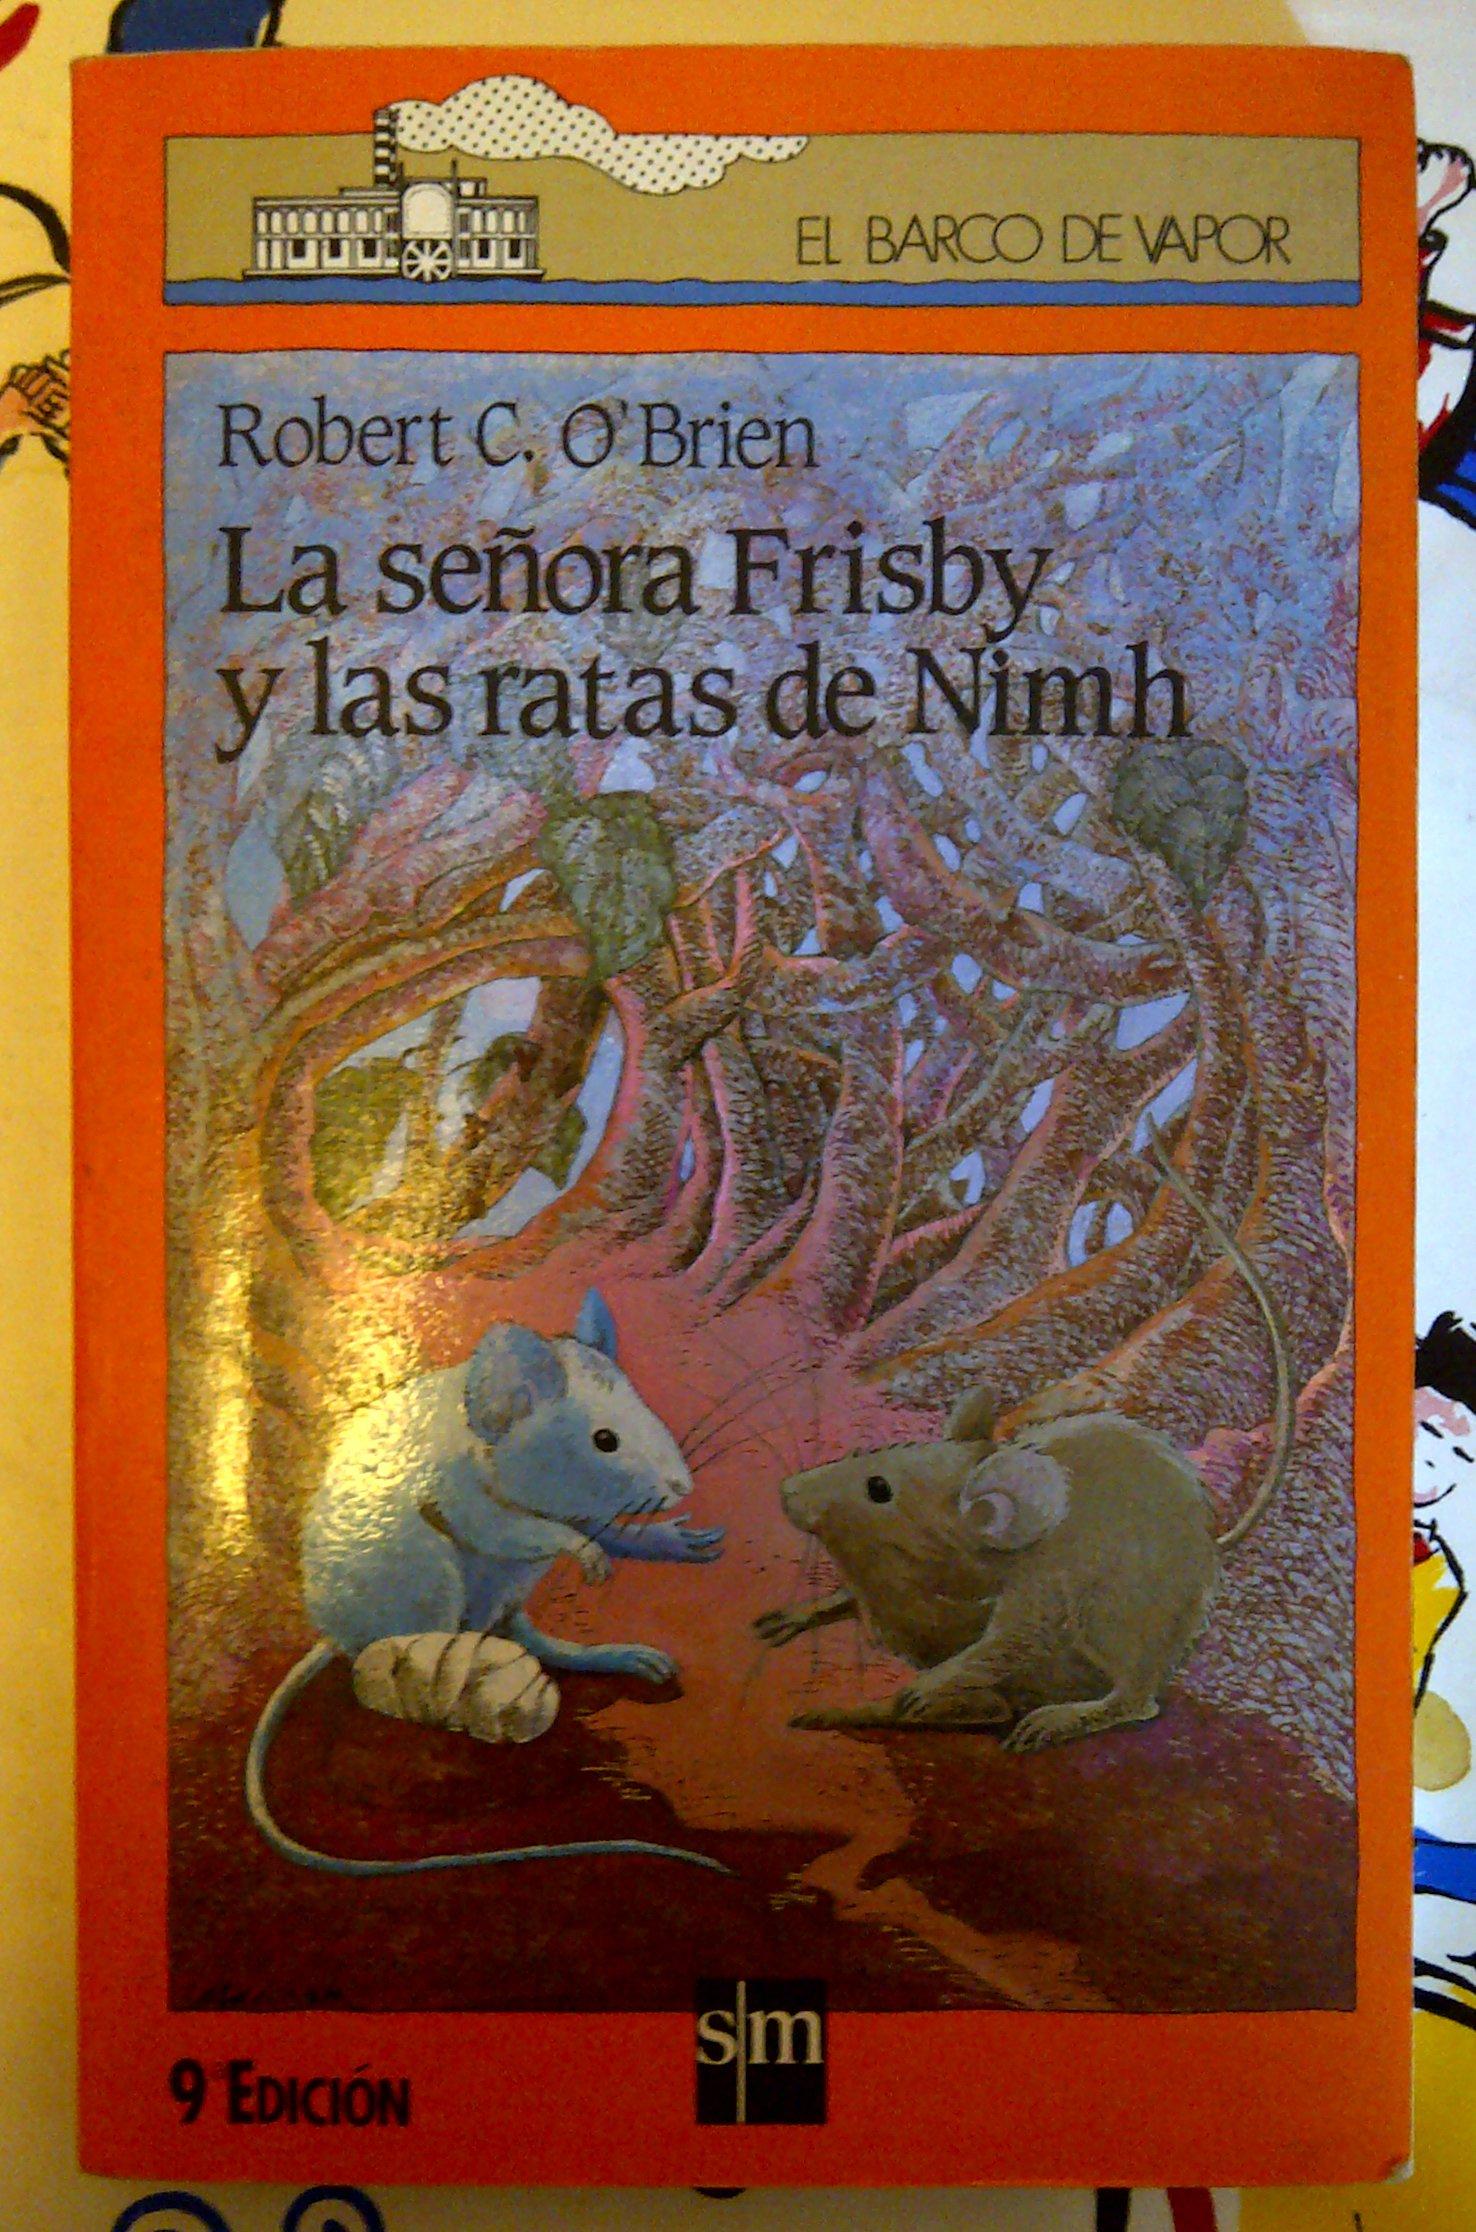 LA Senora Frisby Y Las Ratas De Nimh/Mrs. Frisby and the Rats of Nimh (Coleccion El Barco De Vapor, 82) (Spanish Edition) by Ediciones Sm